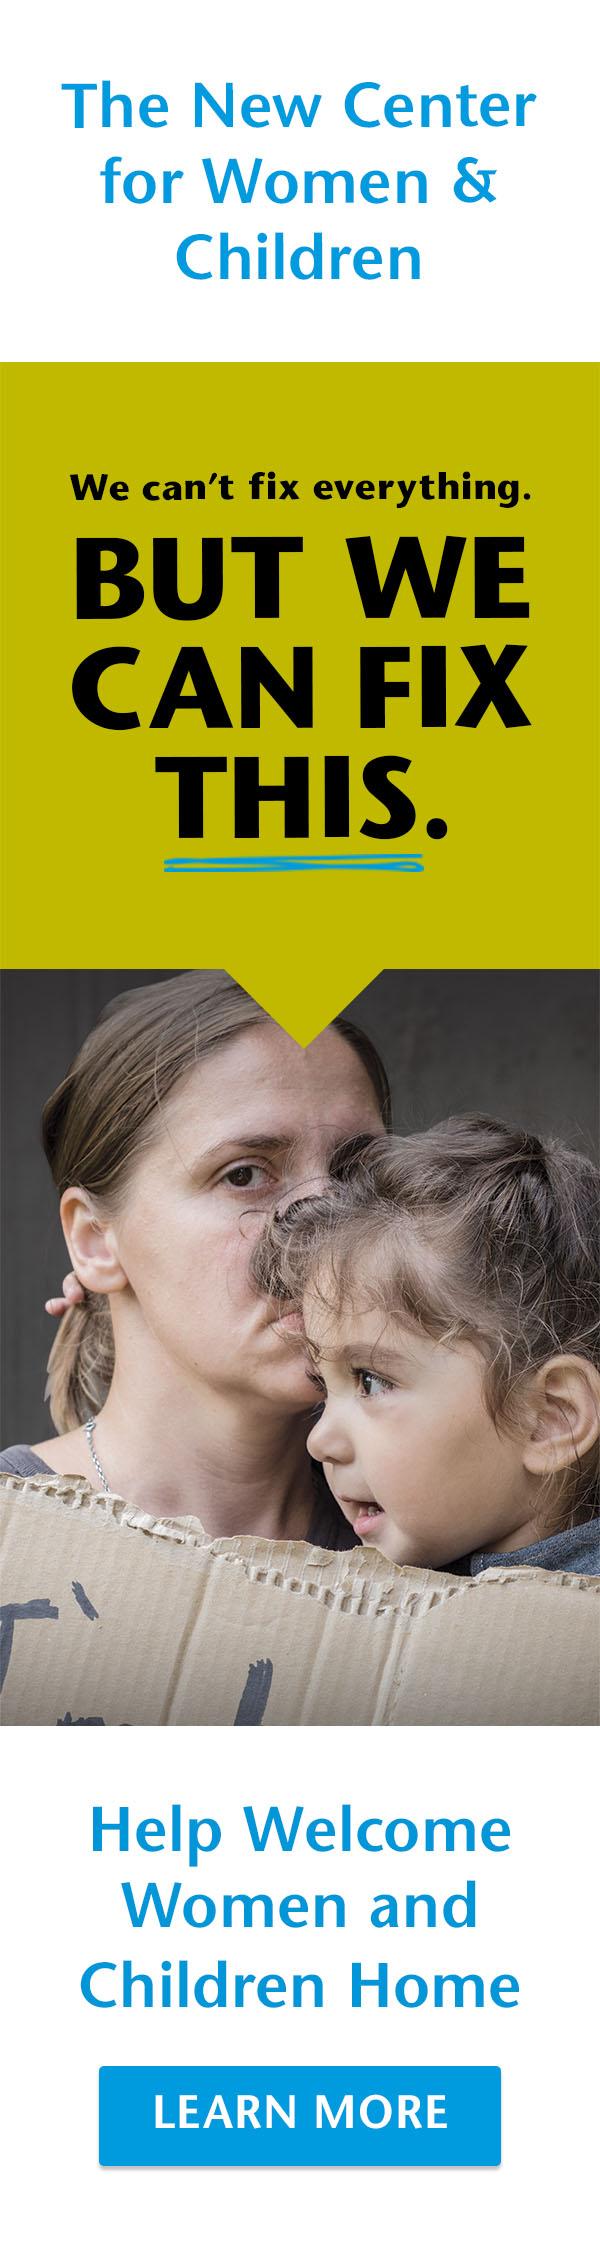 The New Centerfor Women & Children